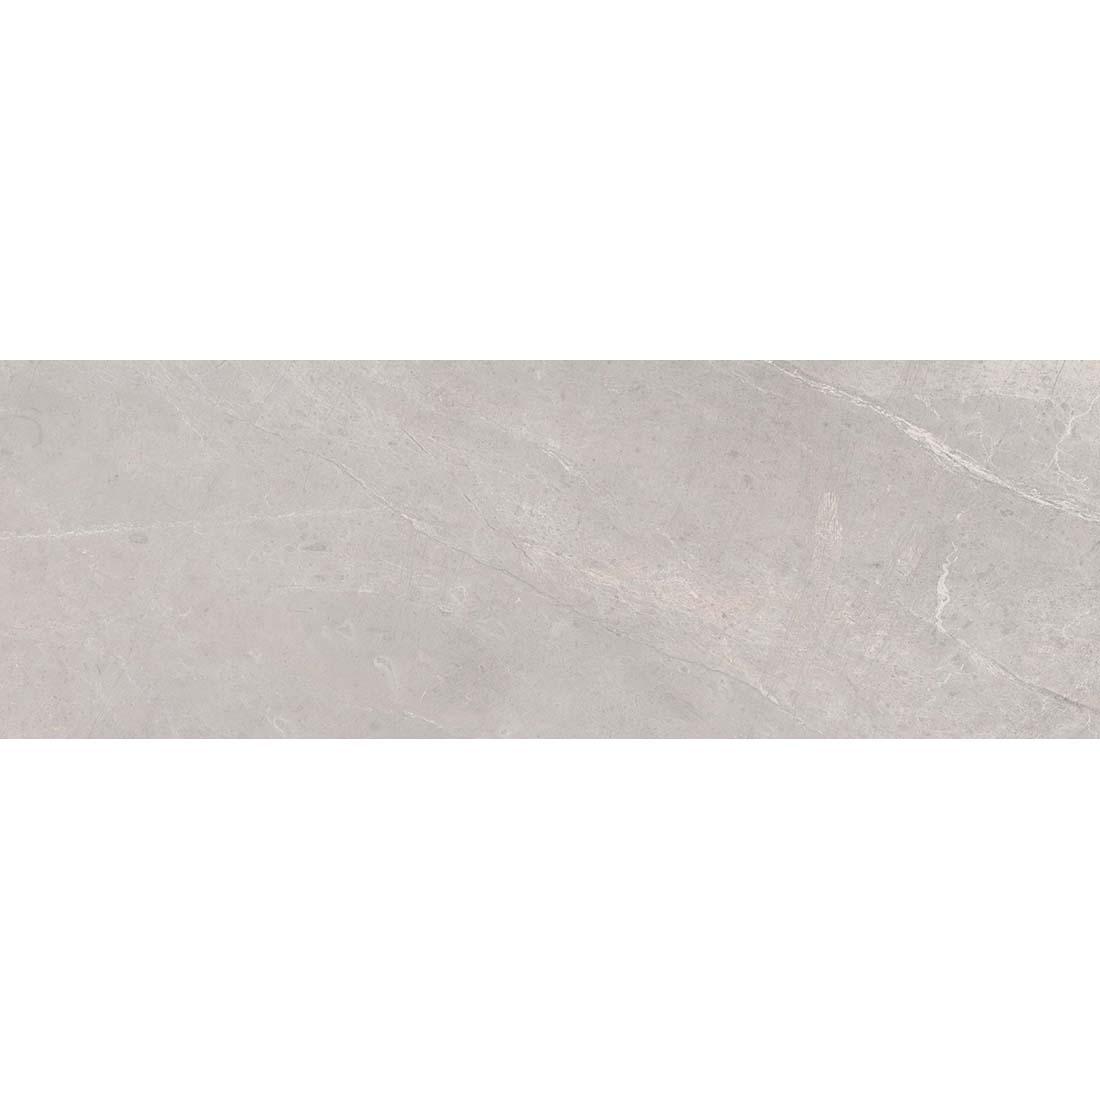 Mist 20x60 Dark Grey 1